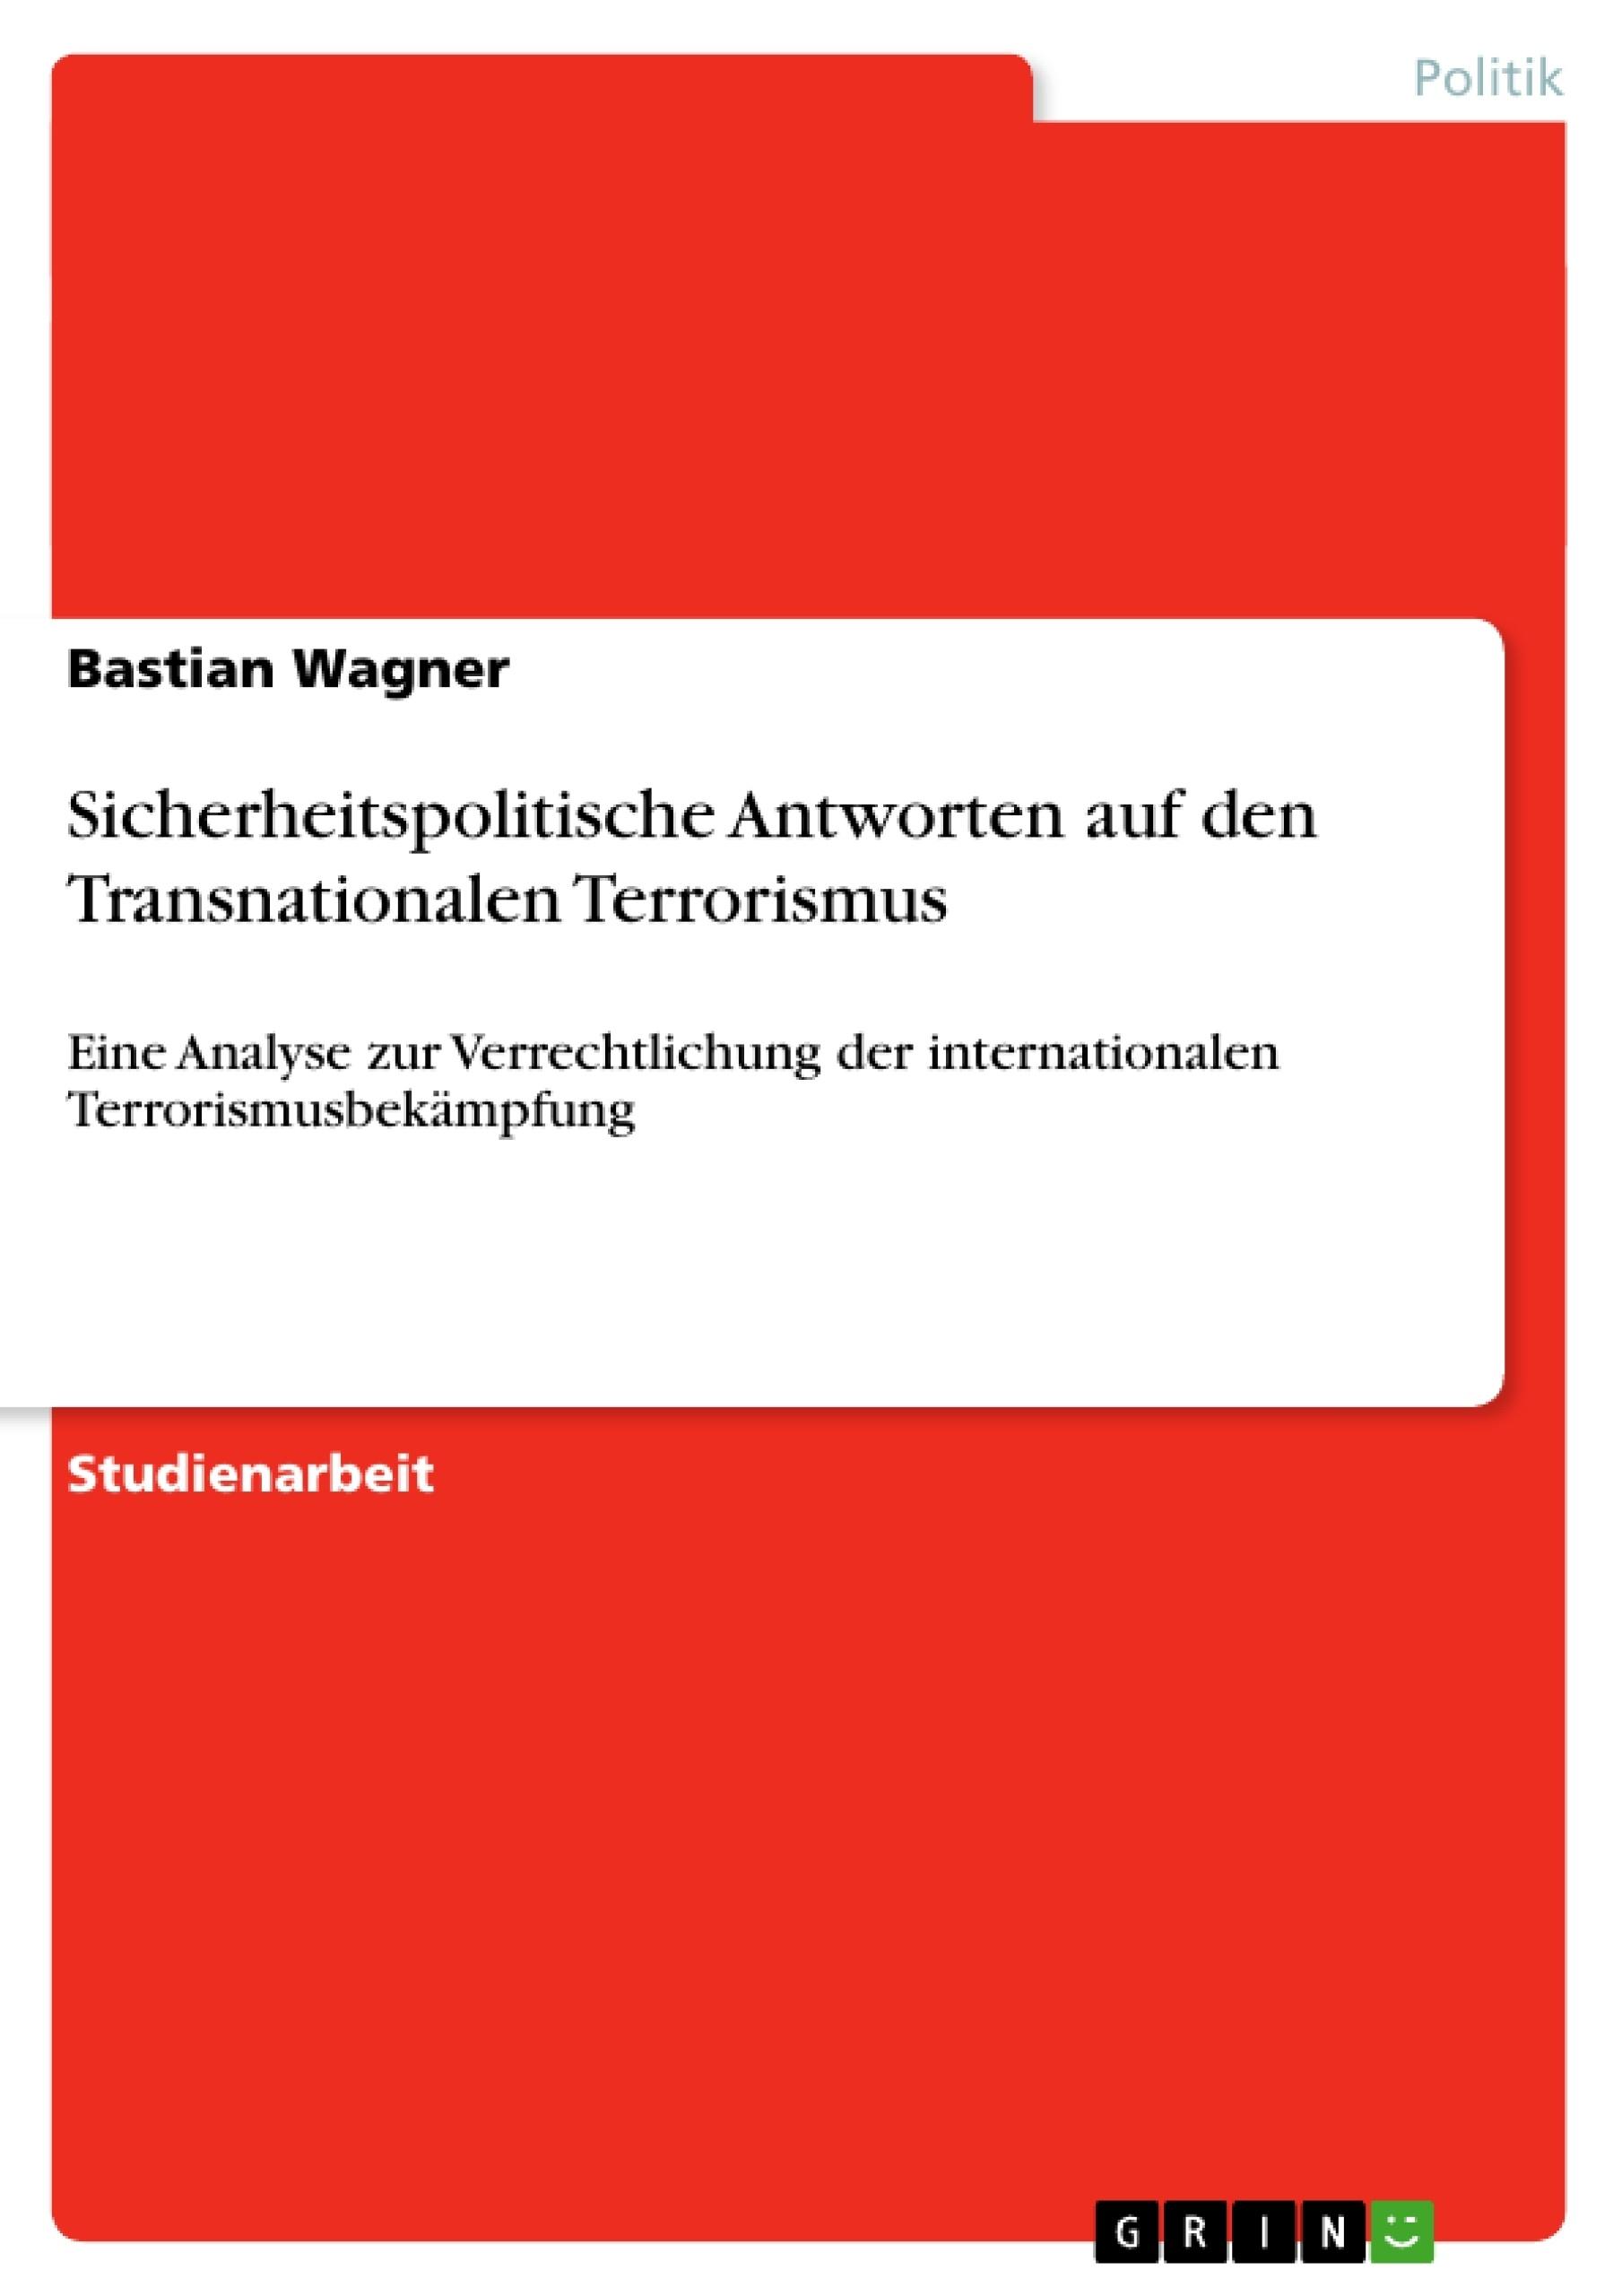 Titel: Sicherheitspolitische Antworten auf den Transnationalen Terrorismus